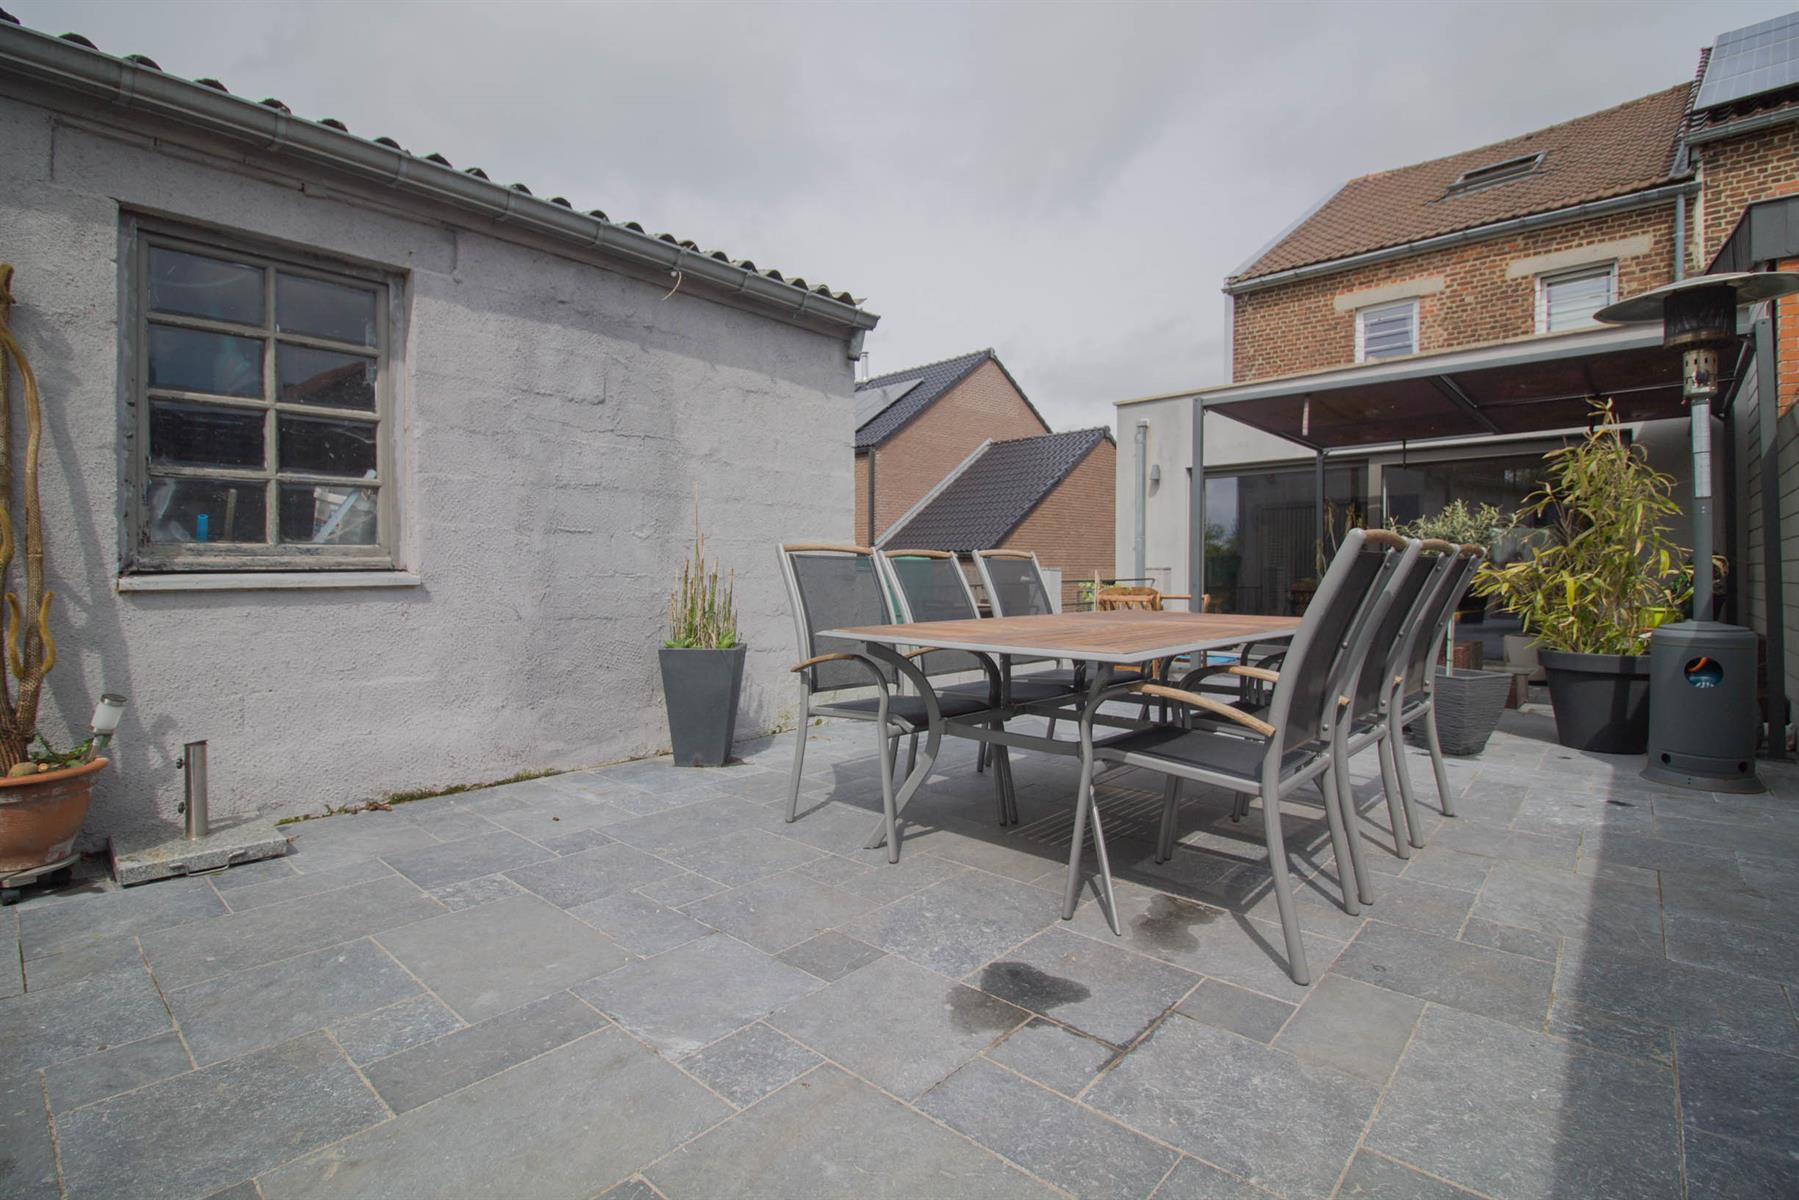 Maison - Forchies-la-Marche - #4381660-25